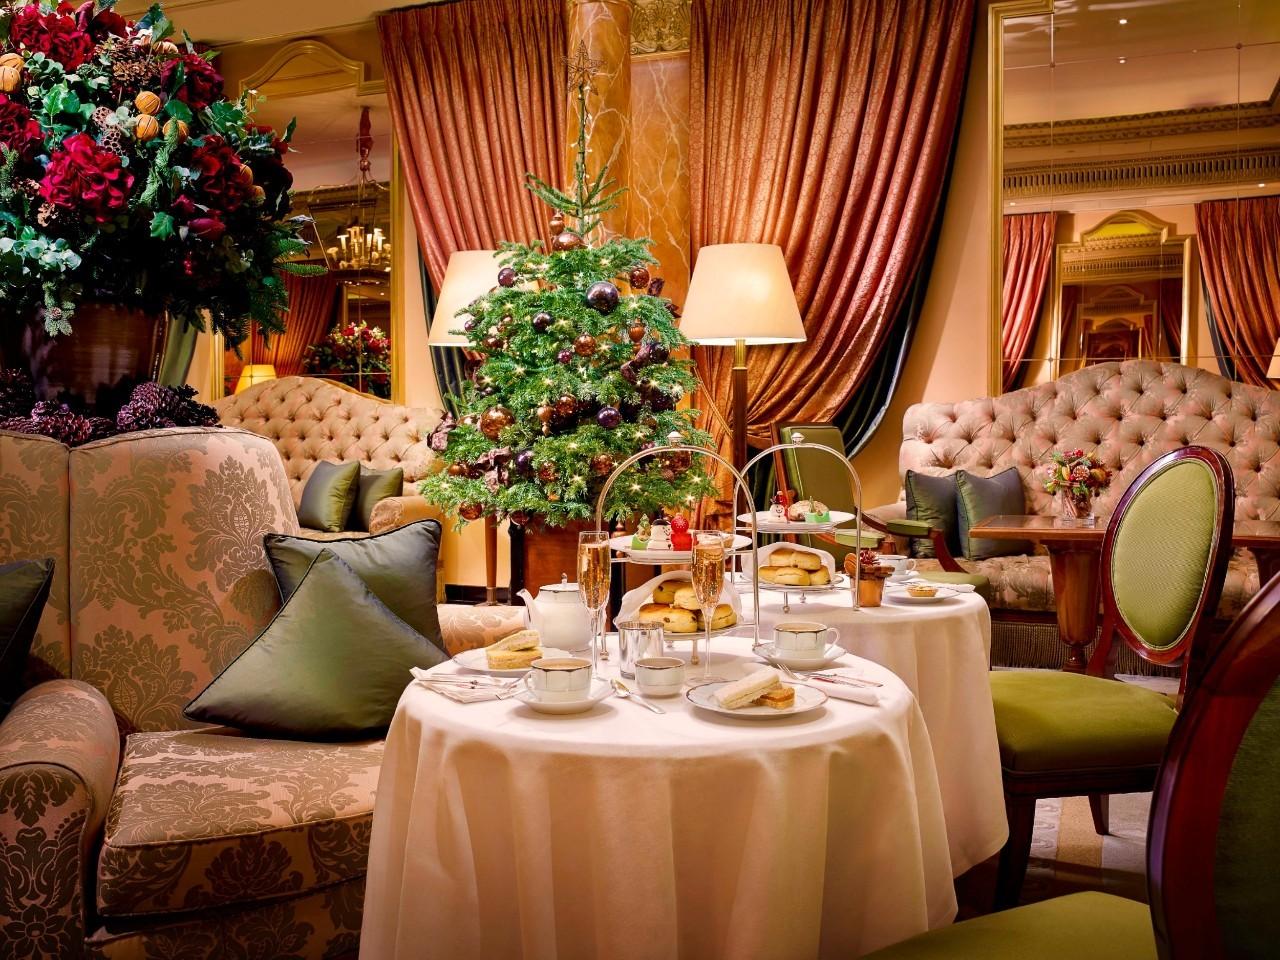 从纽约到伦敦,11间顶级奢华酒店,遇见最美的圣诞装扮【赞那度旅行】